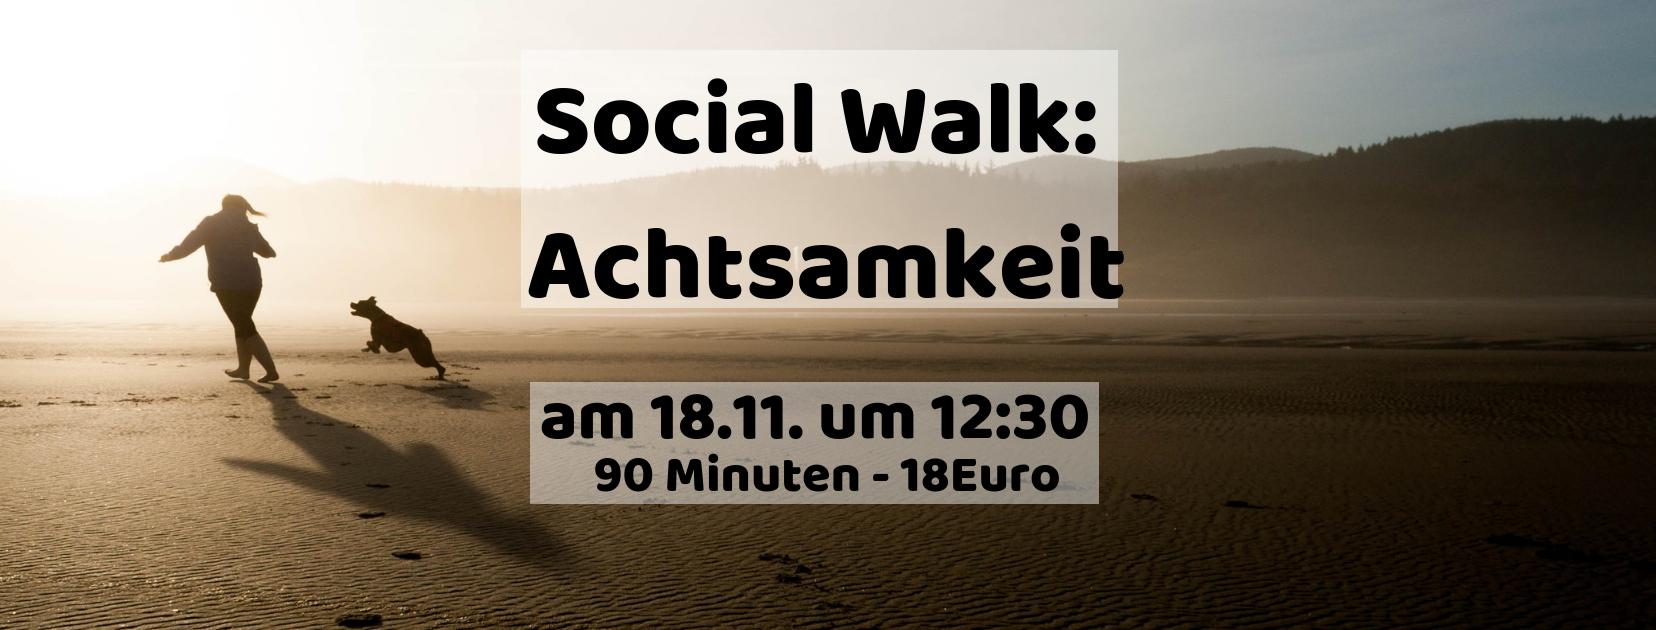 Spaziergang mit Achtsamkeitsübungen Social Walk am 18.11. in Kamen